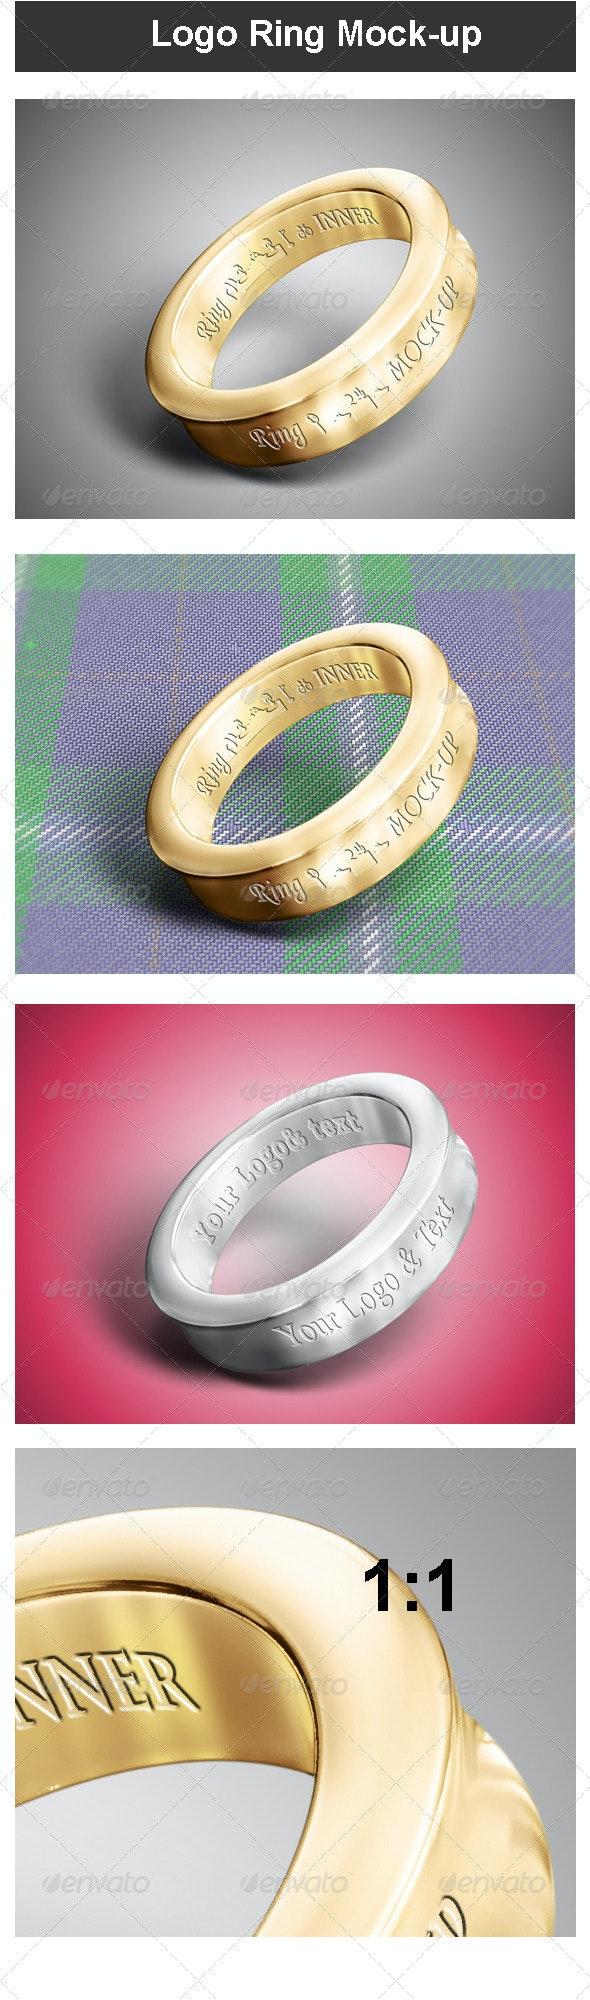 Logo Ring Mock-up - Logo Product Mock-Ups